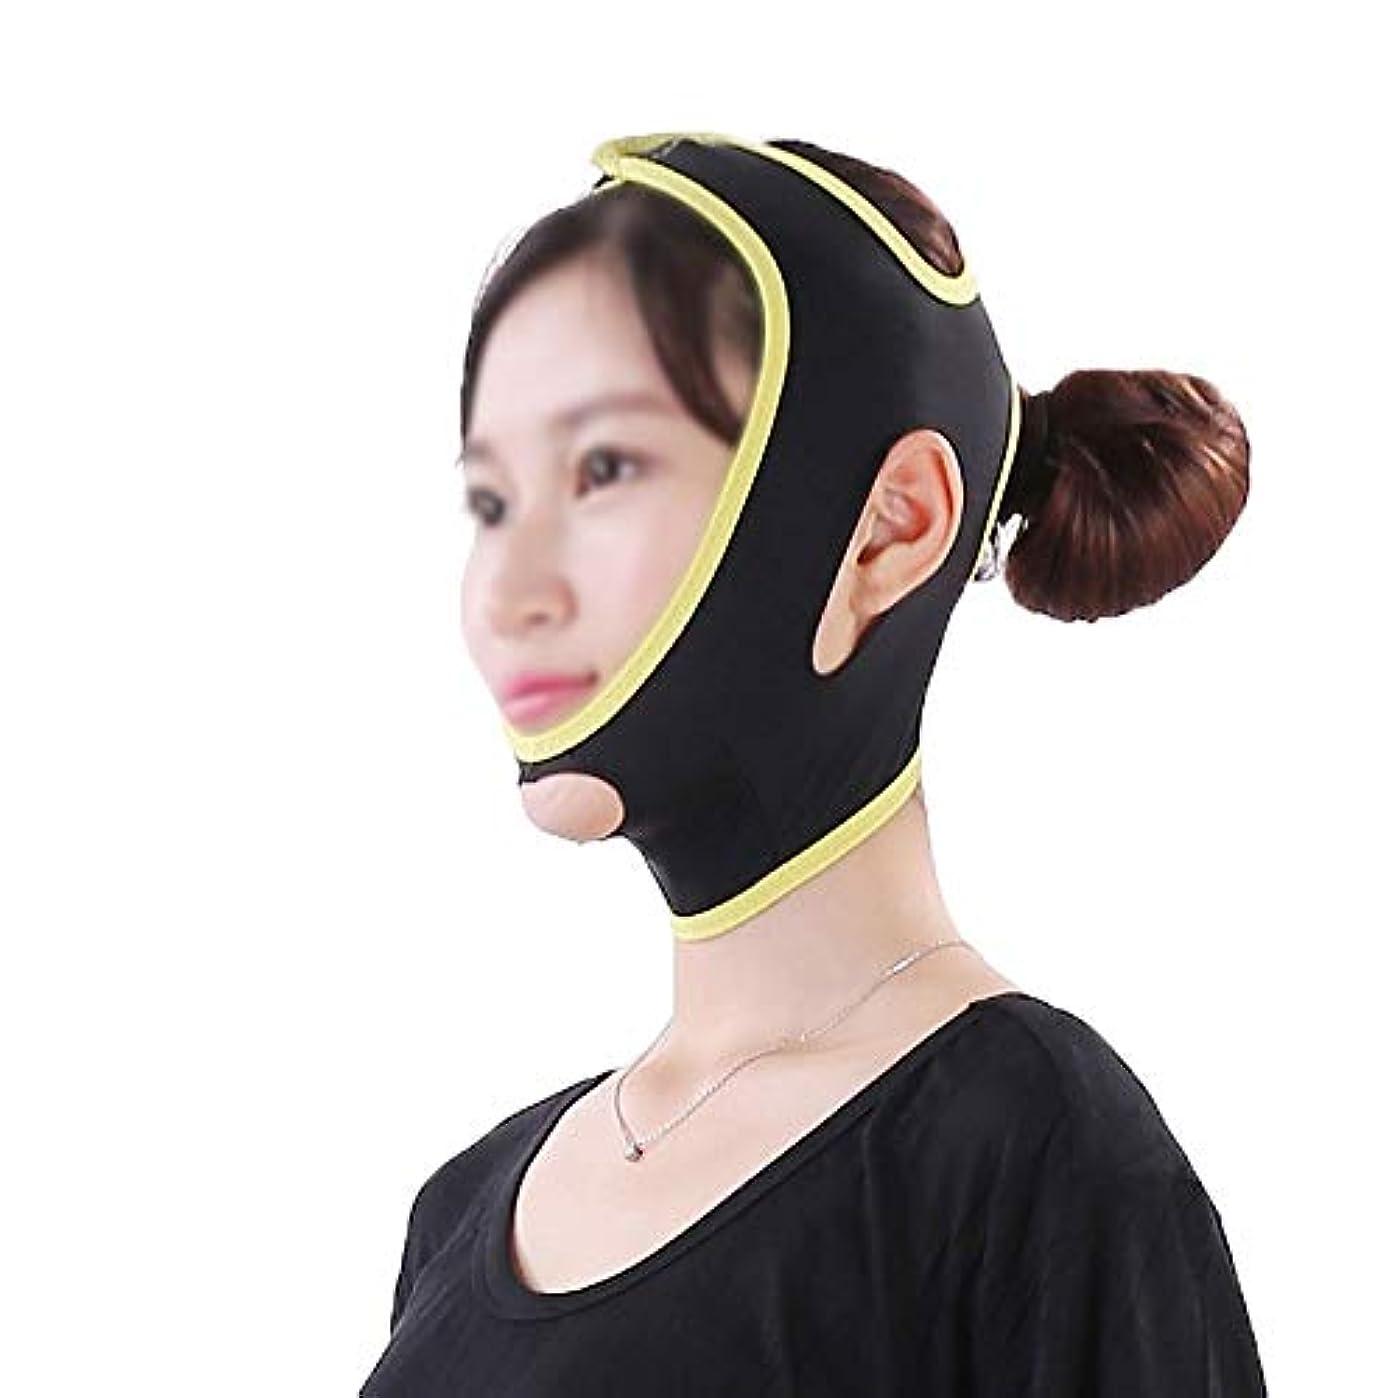 チケット中絶フクロウGLJJQMY フェイス&ネックリフトシンフェイスマスクパワフルマスクフェイスリフトアーチファクトフェイスリフトフェイスツールシンフェイス包帯シンフェイスマスク美容マスク 顔用整形マスク (Size : L)